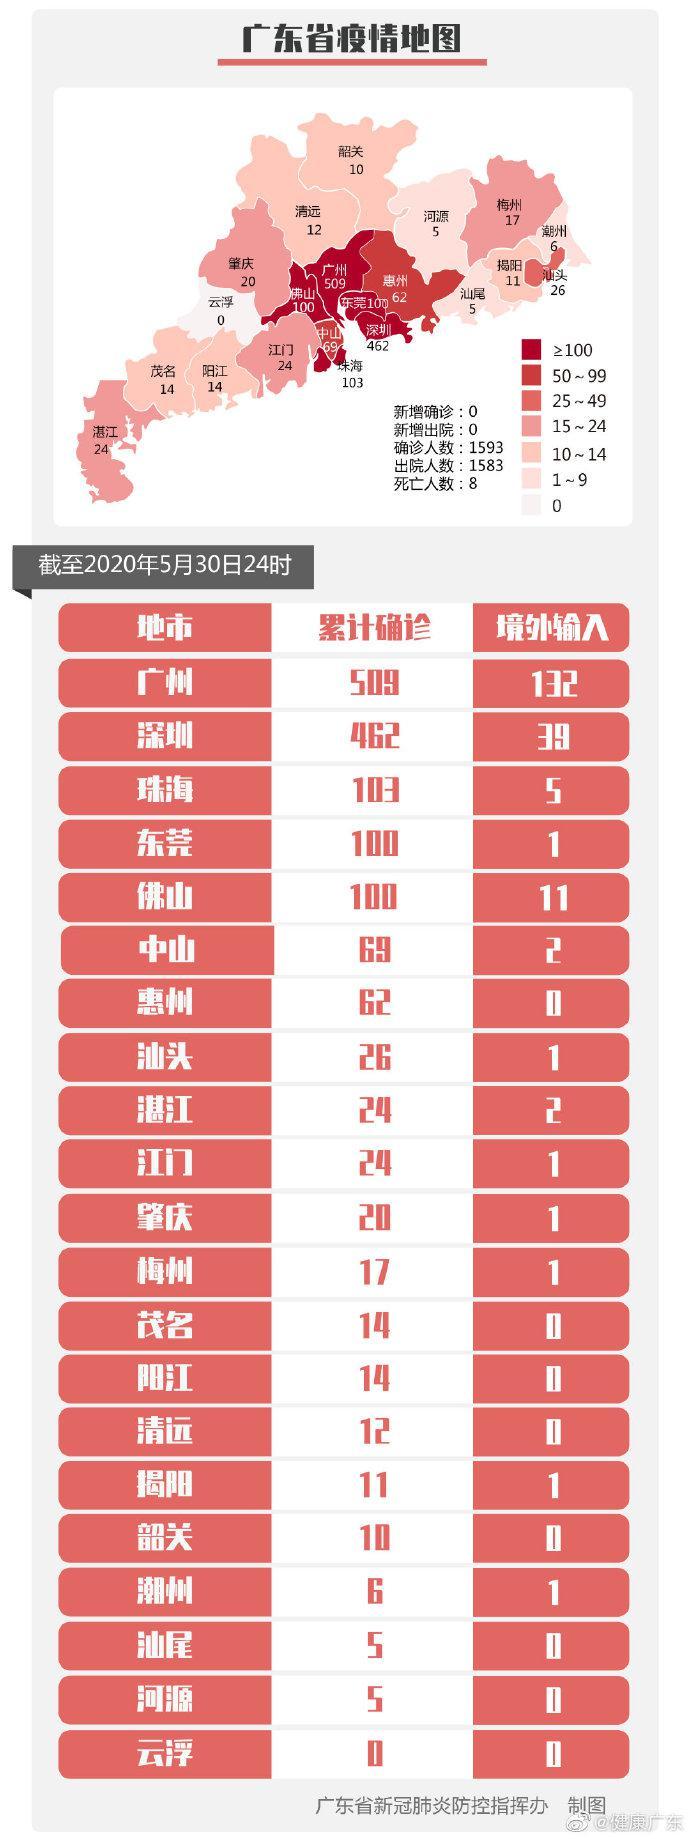 5月30日广东省新冠肺炎疫情情摩天注册,摩天注册图片